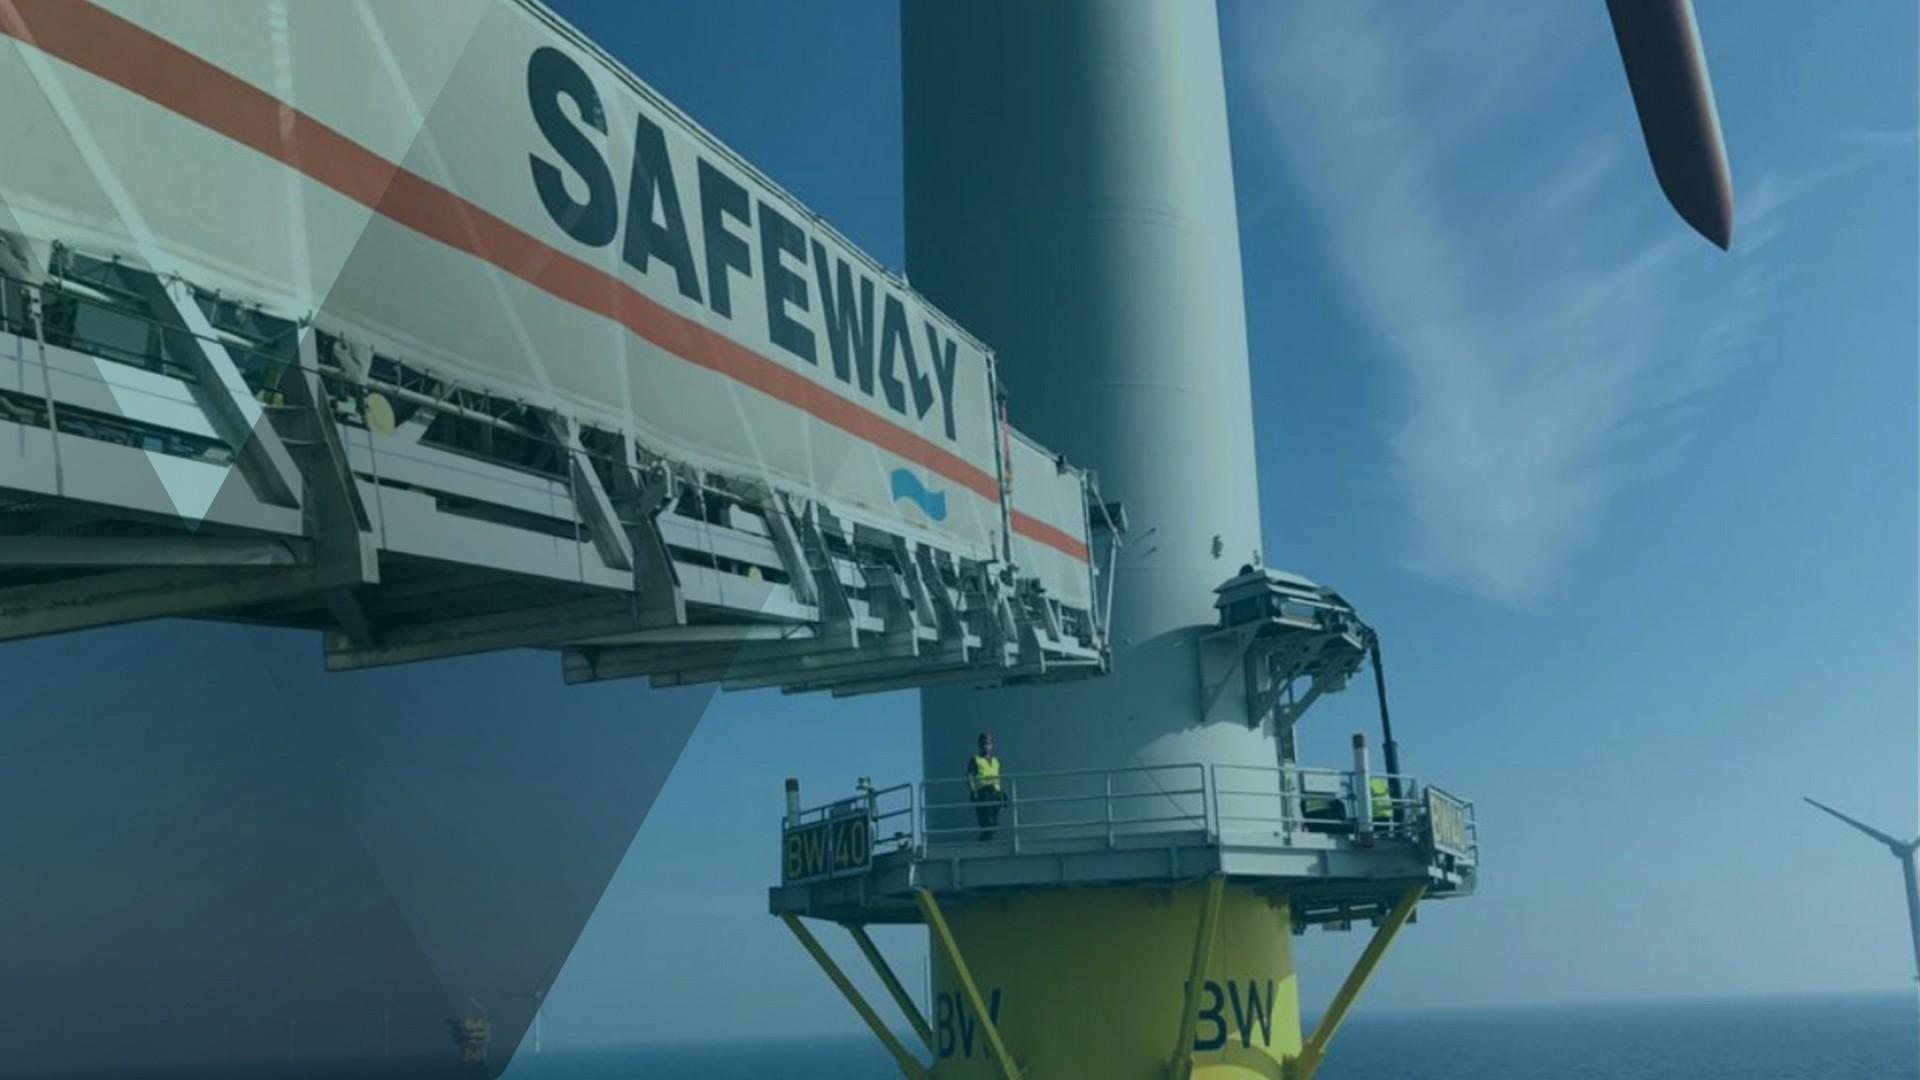 Image: Safeway Gannet